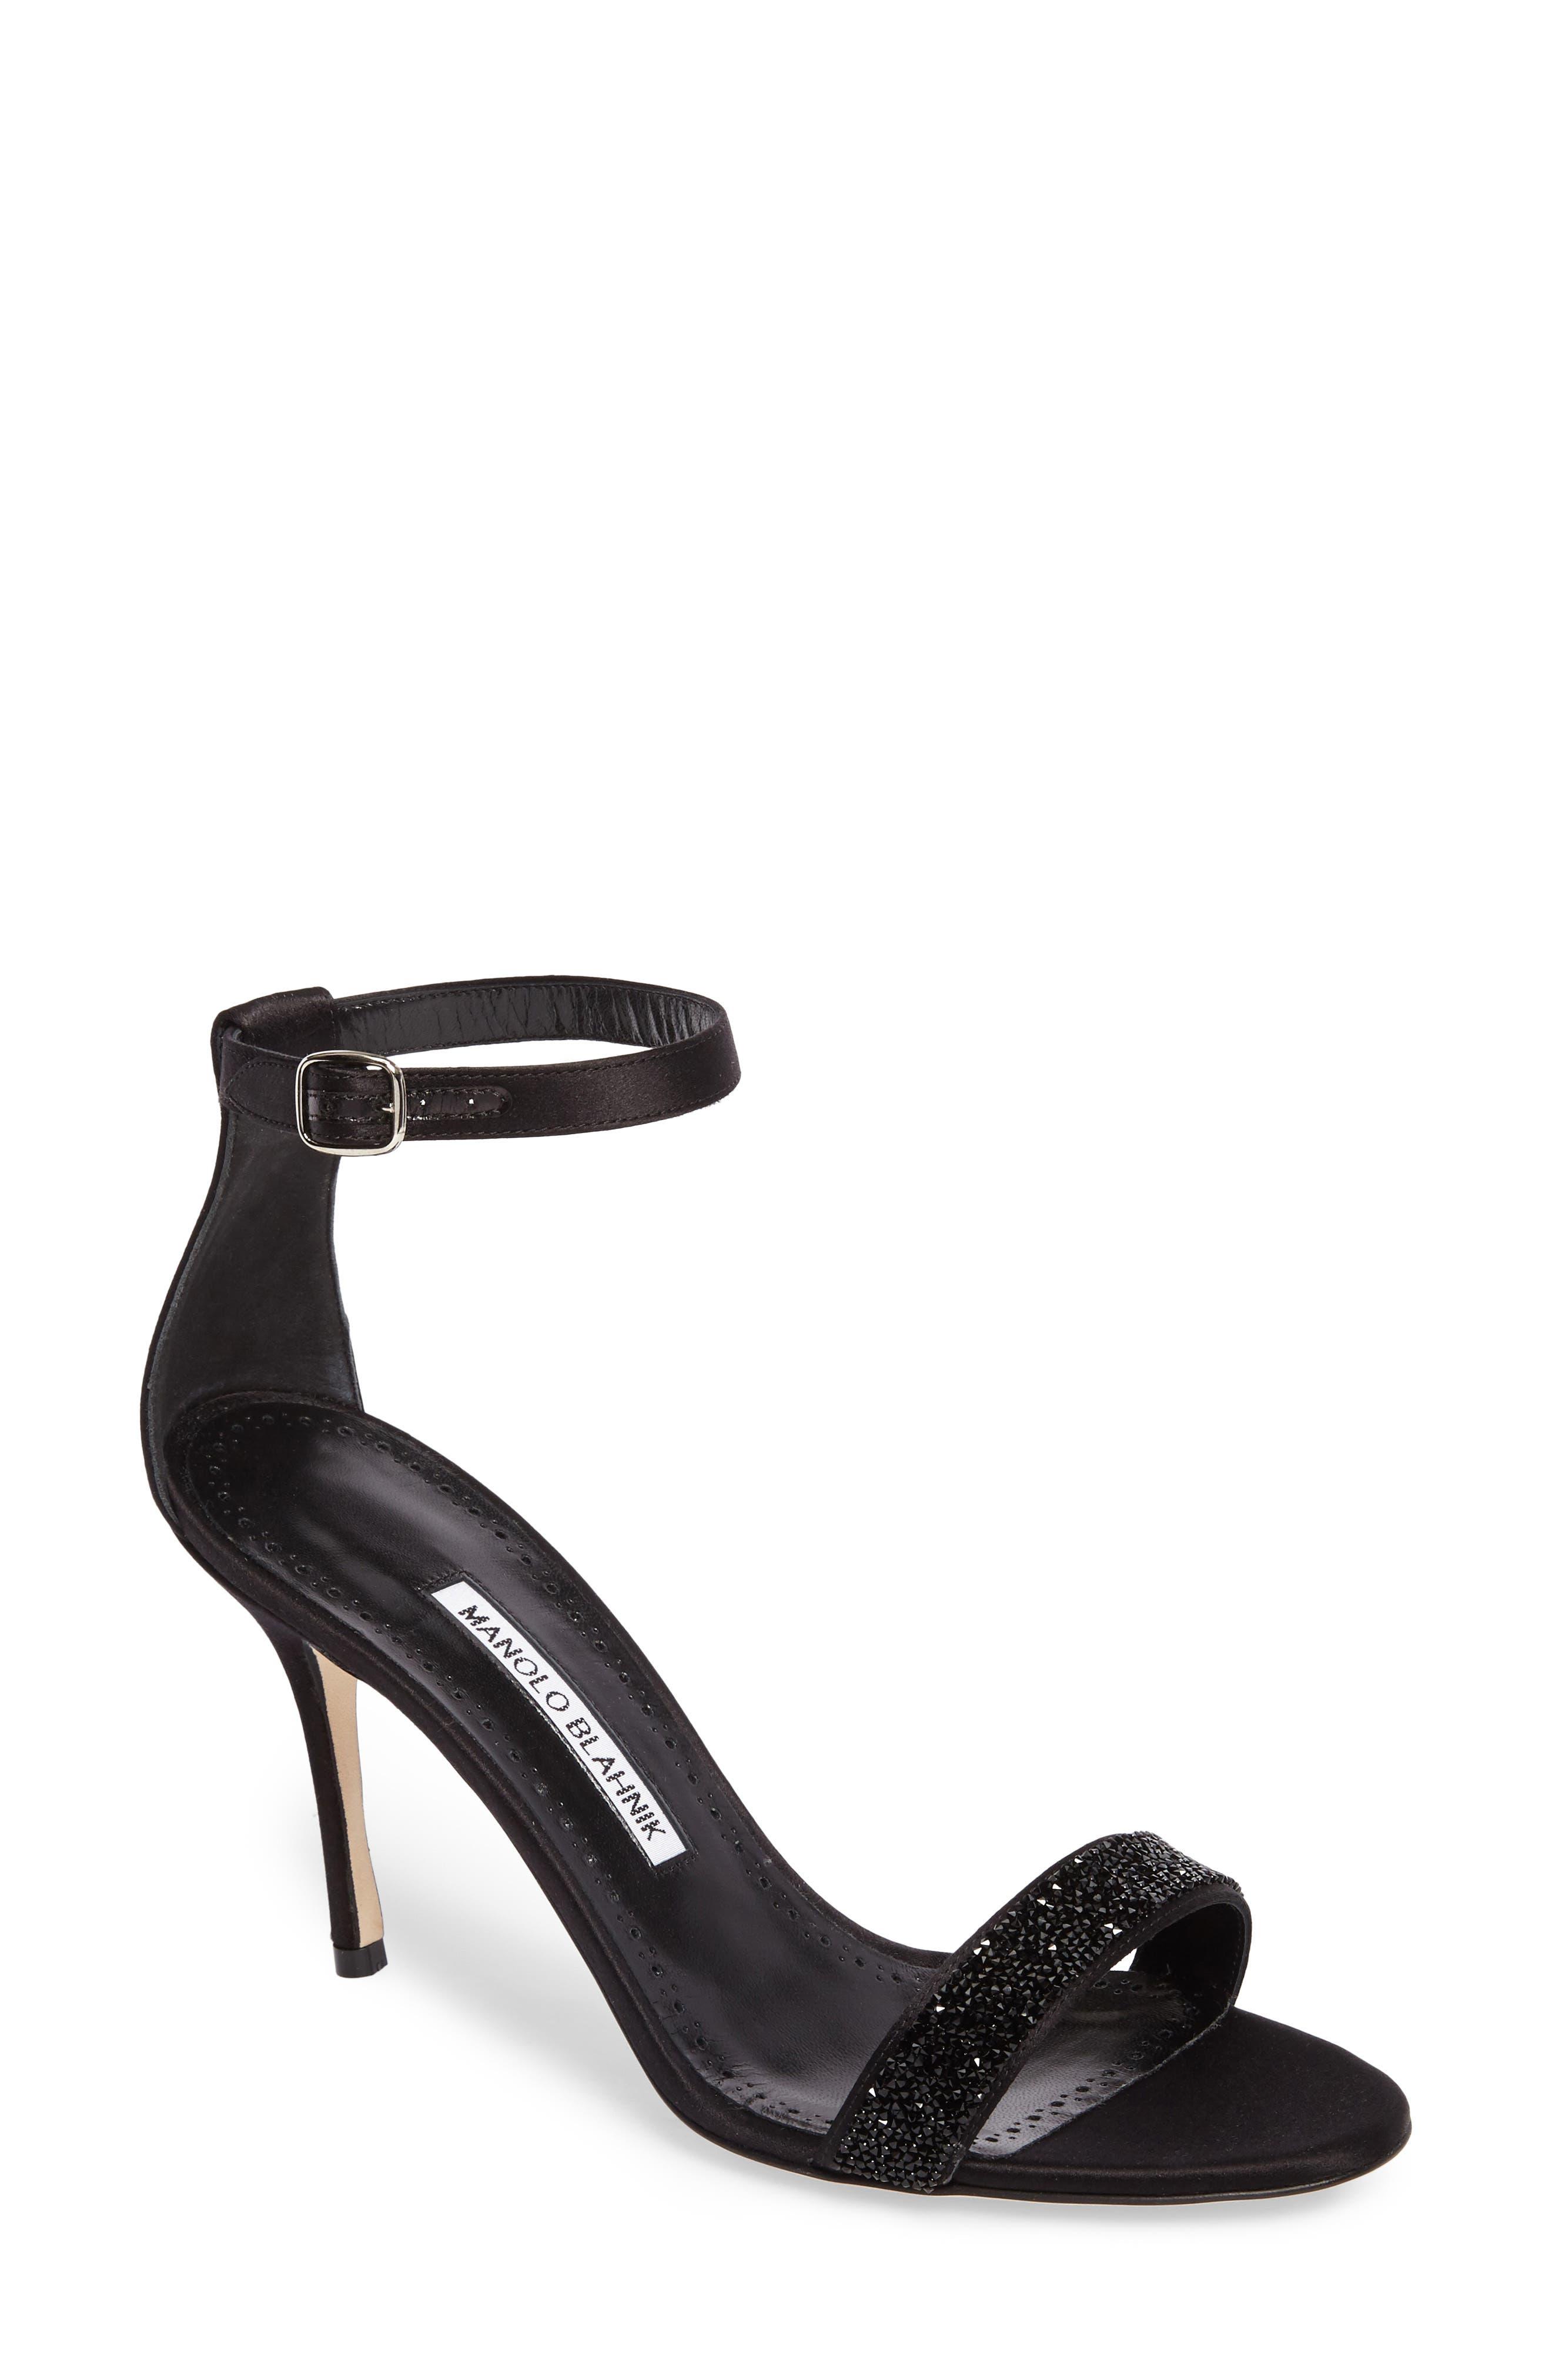 Manolo Blahnik Chaos Ankle Strap Sandal (Women)